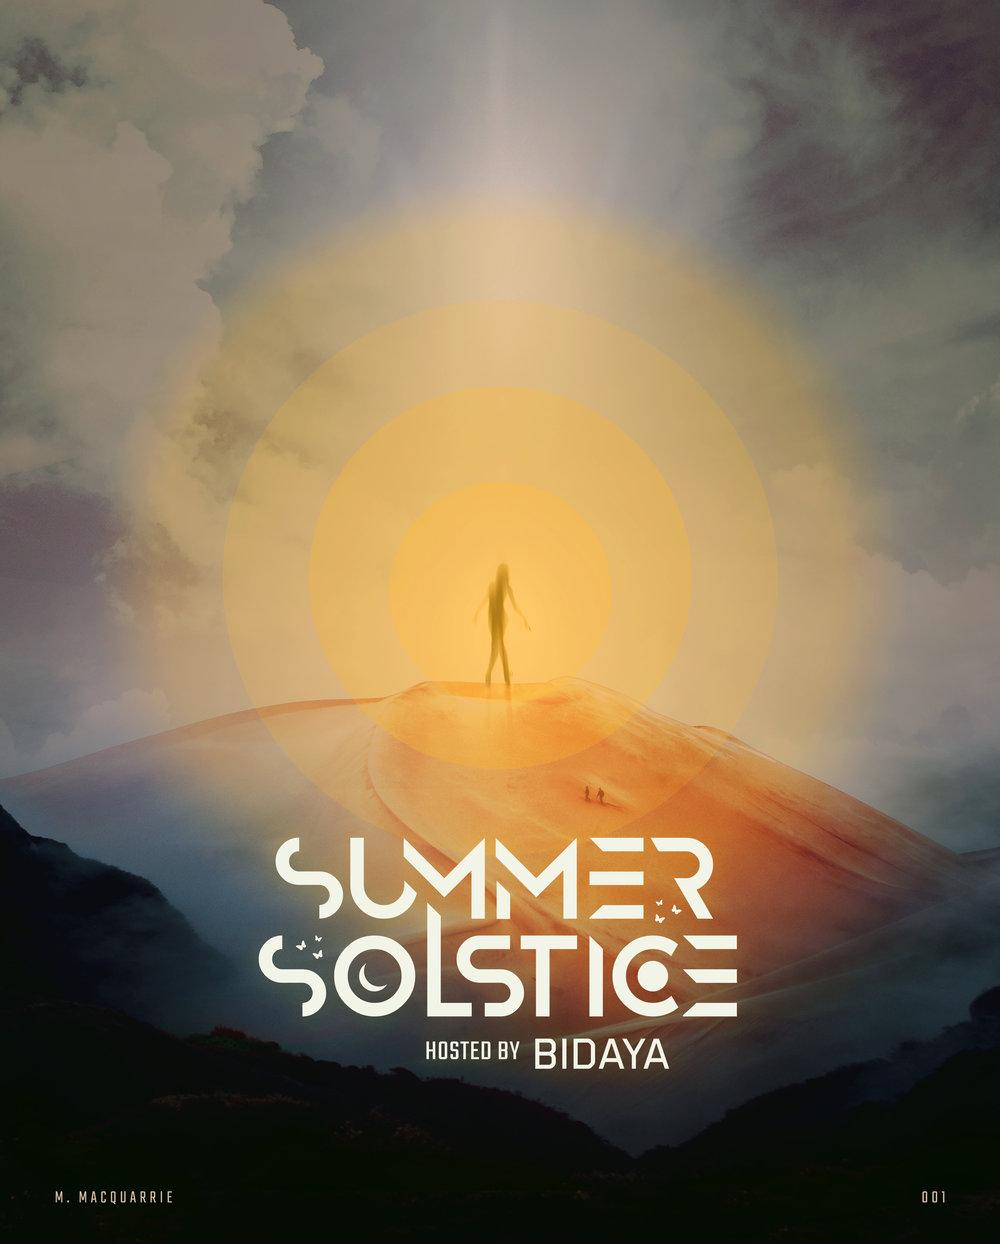 summer-solstice-macquarrie.jpg